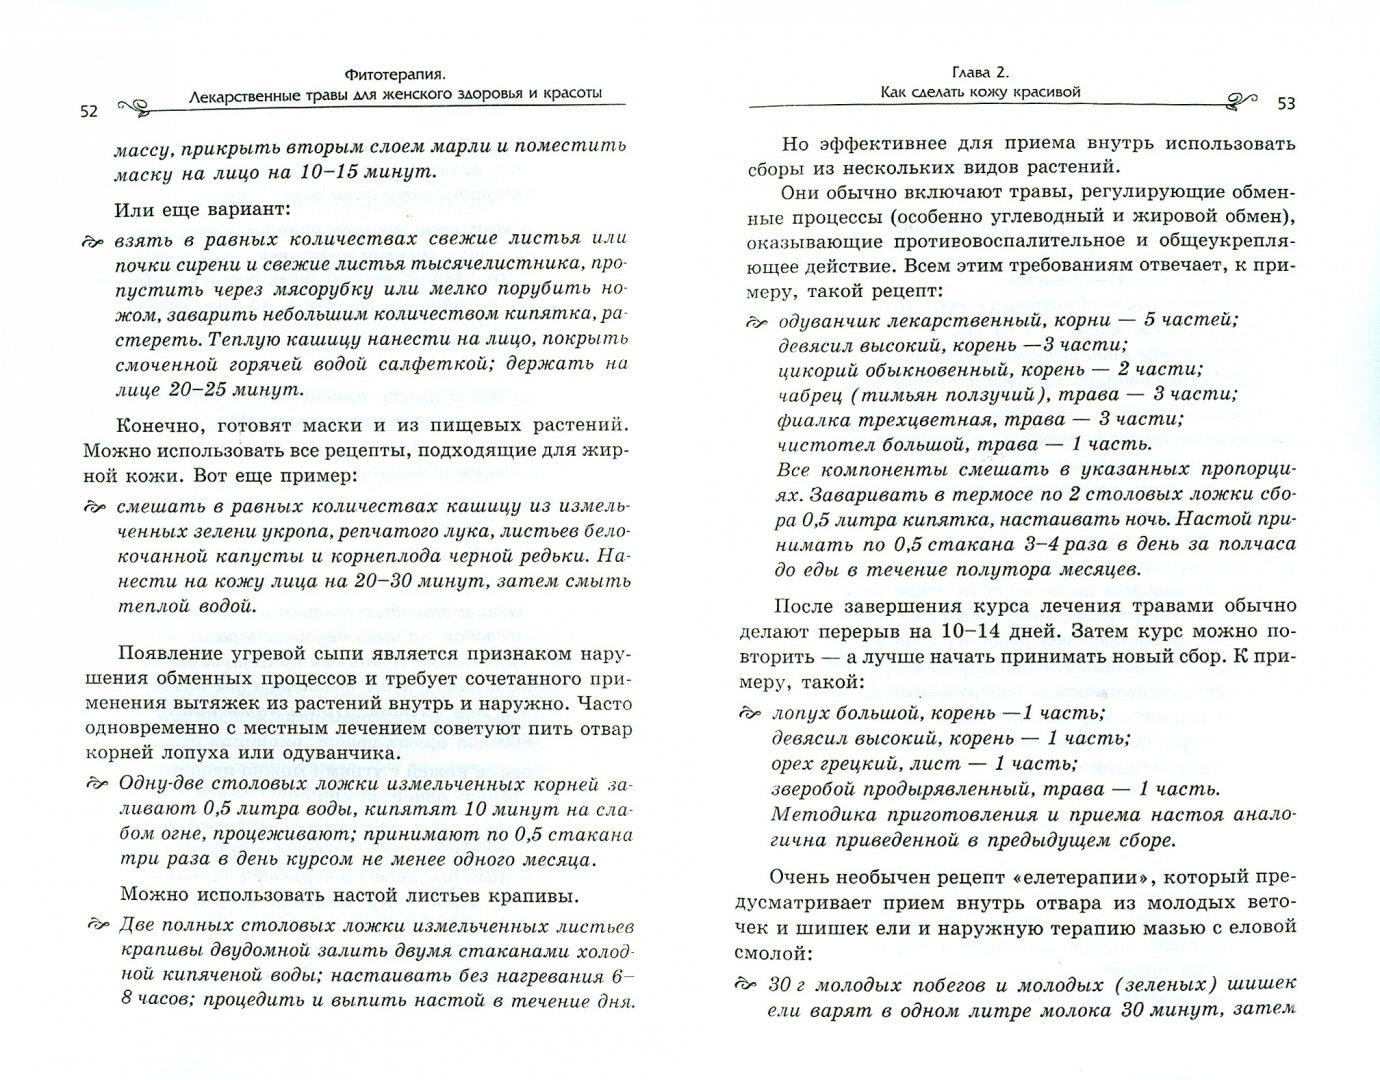 Иллюстрация 1 из 12 для Фитотерапия: лекарственные травы для женского здоровья - Ирина Руженкова | Лабиринт - книги. Источник: Лабиринт